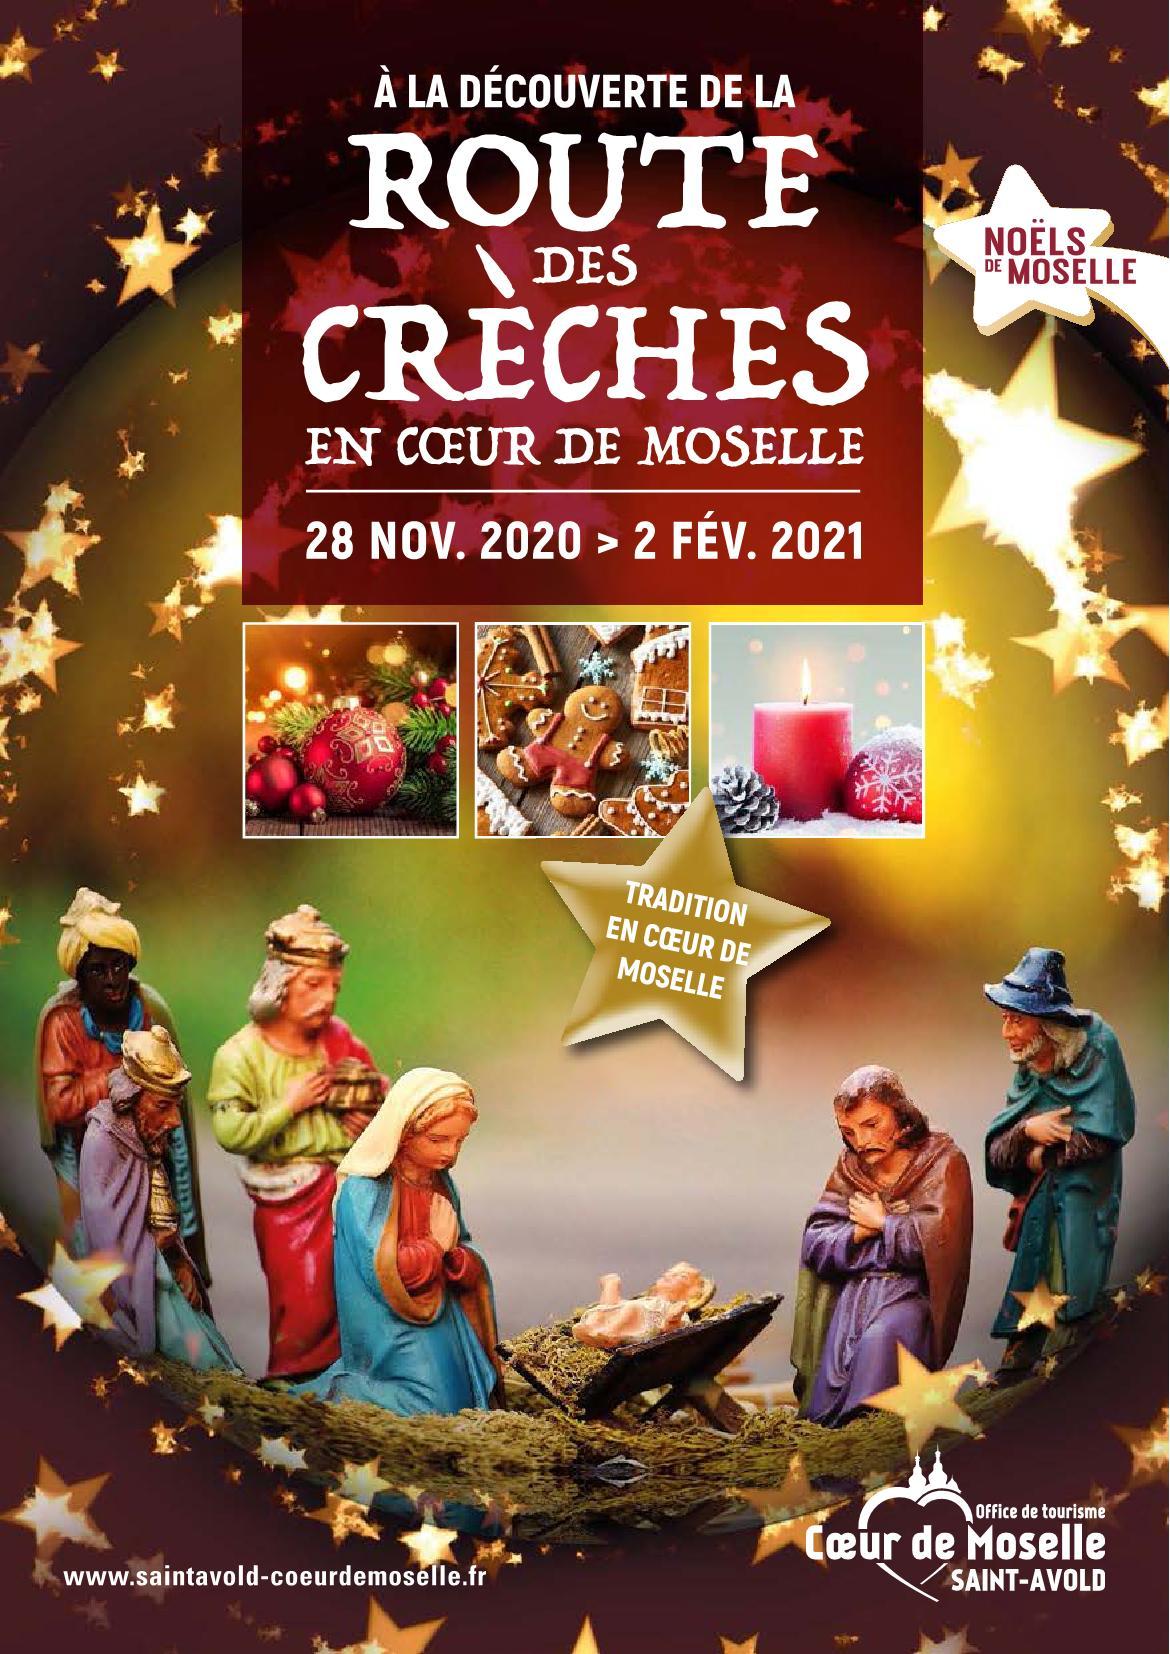 À la découverte de la Route des Crèches au Coeur de Moselle 28 Nov. 2020 au 2 Fév. 2021